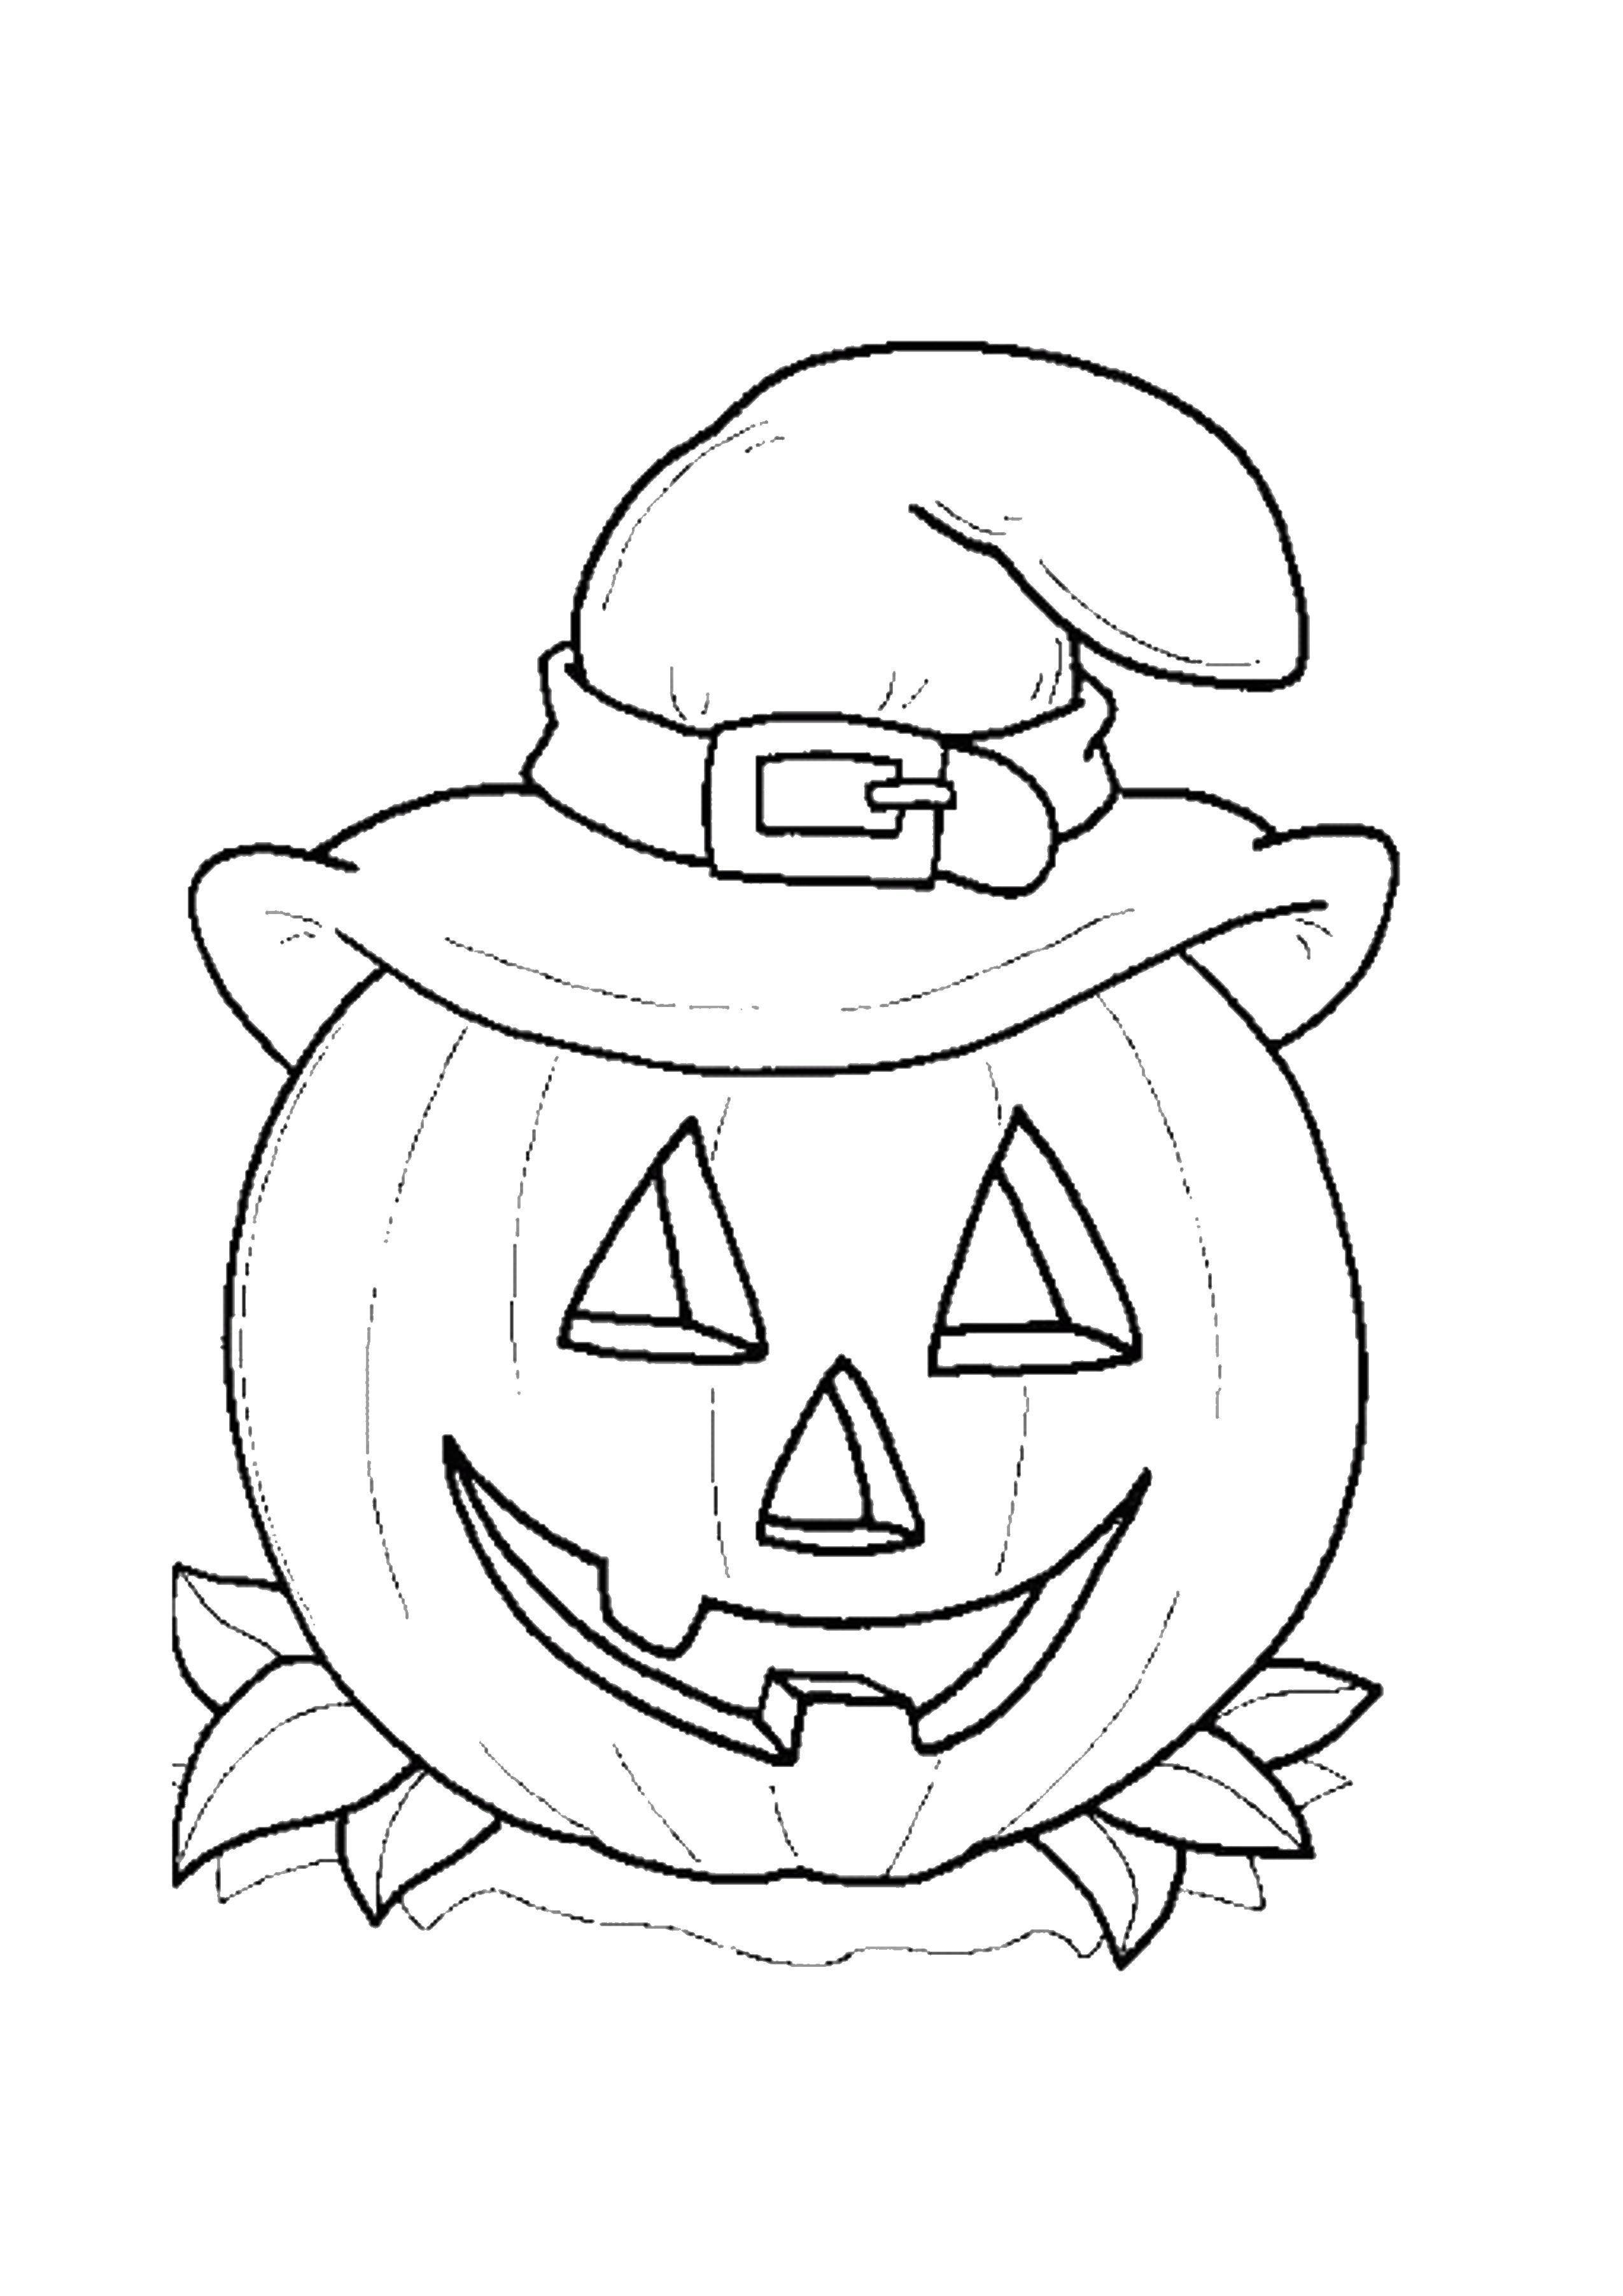 Раскраска Тыква в шляпе Скачать тыква, шляпа, глаза, рот.  Распечатать ,Хэллоуин,